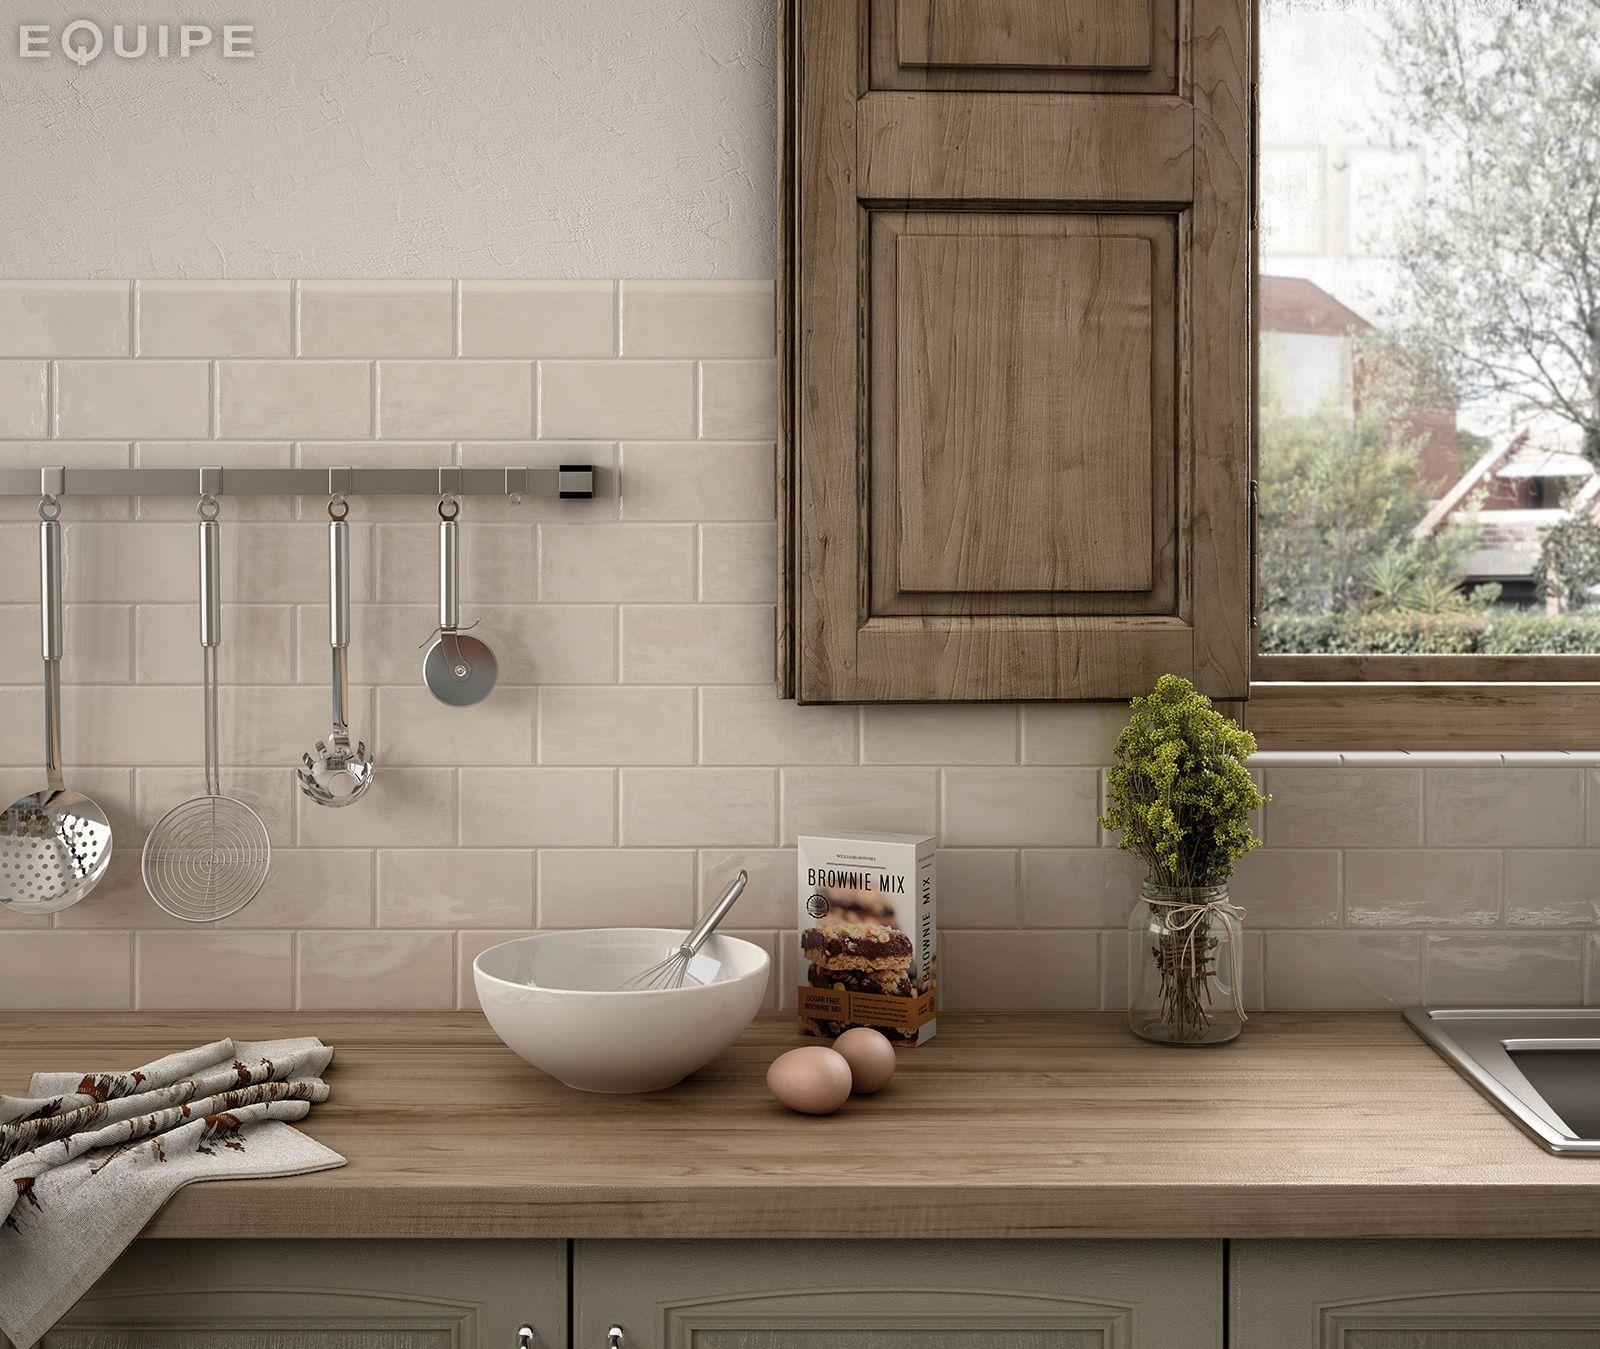 Masia gris claro, oscuro 7,5x30 cm. #trend, #tile, #design ...